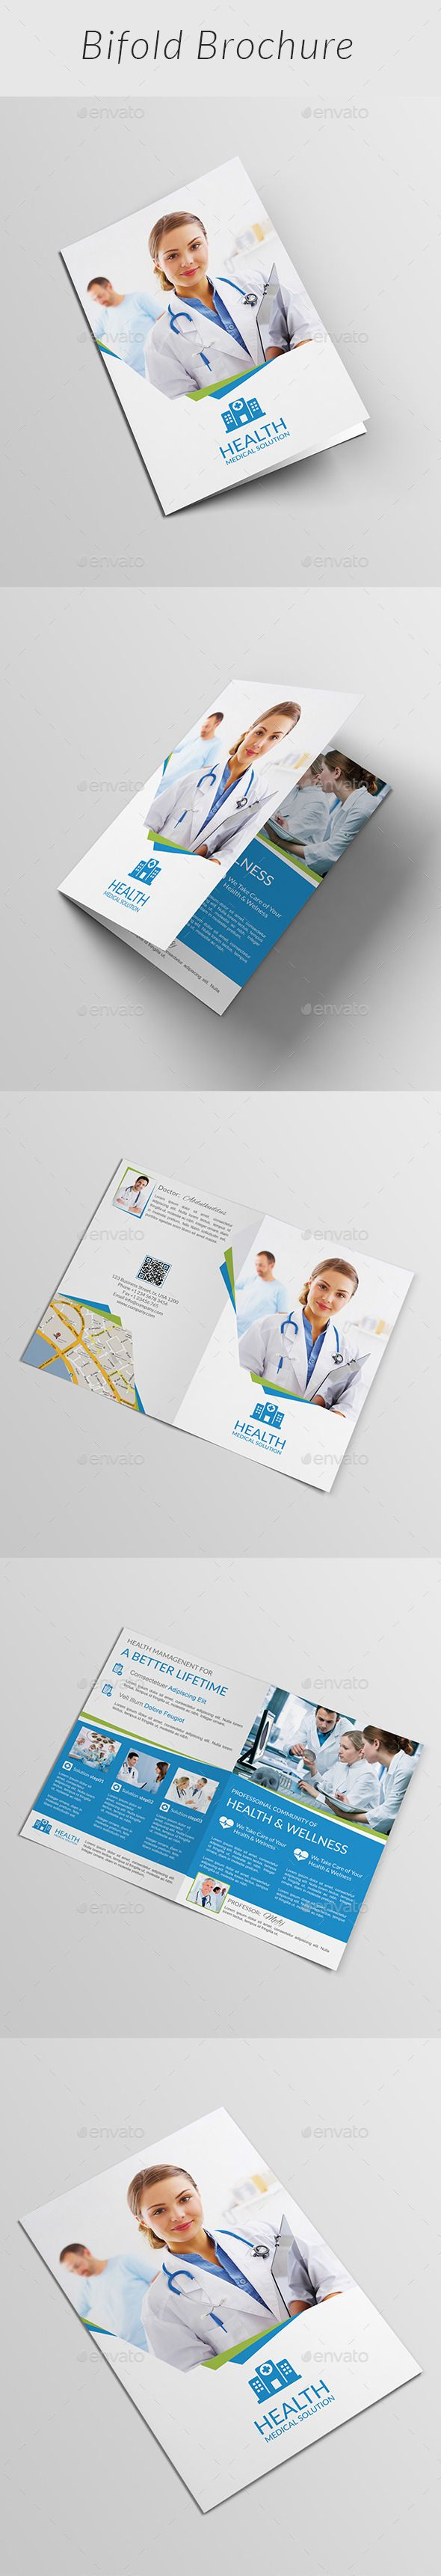 Best Katalog Images On   Brochure Design Brochure